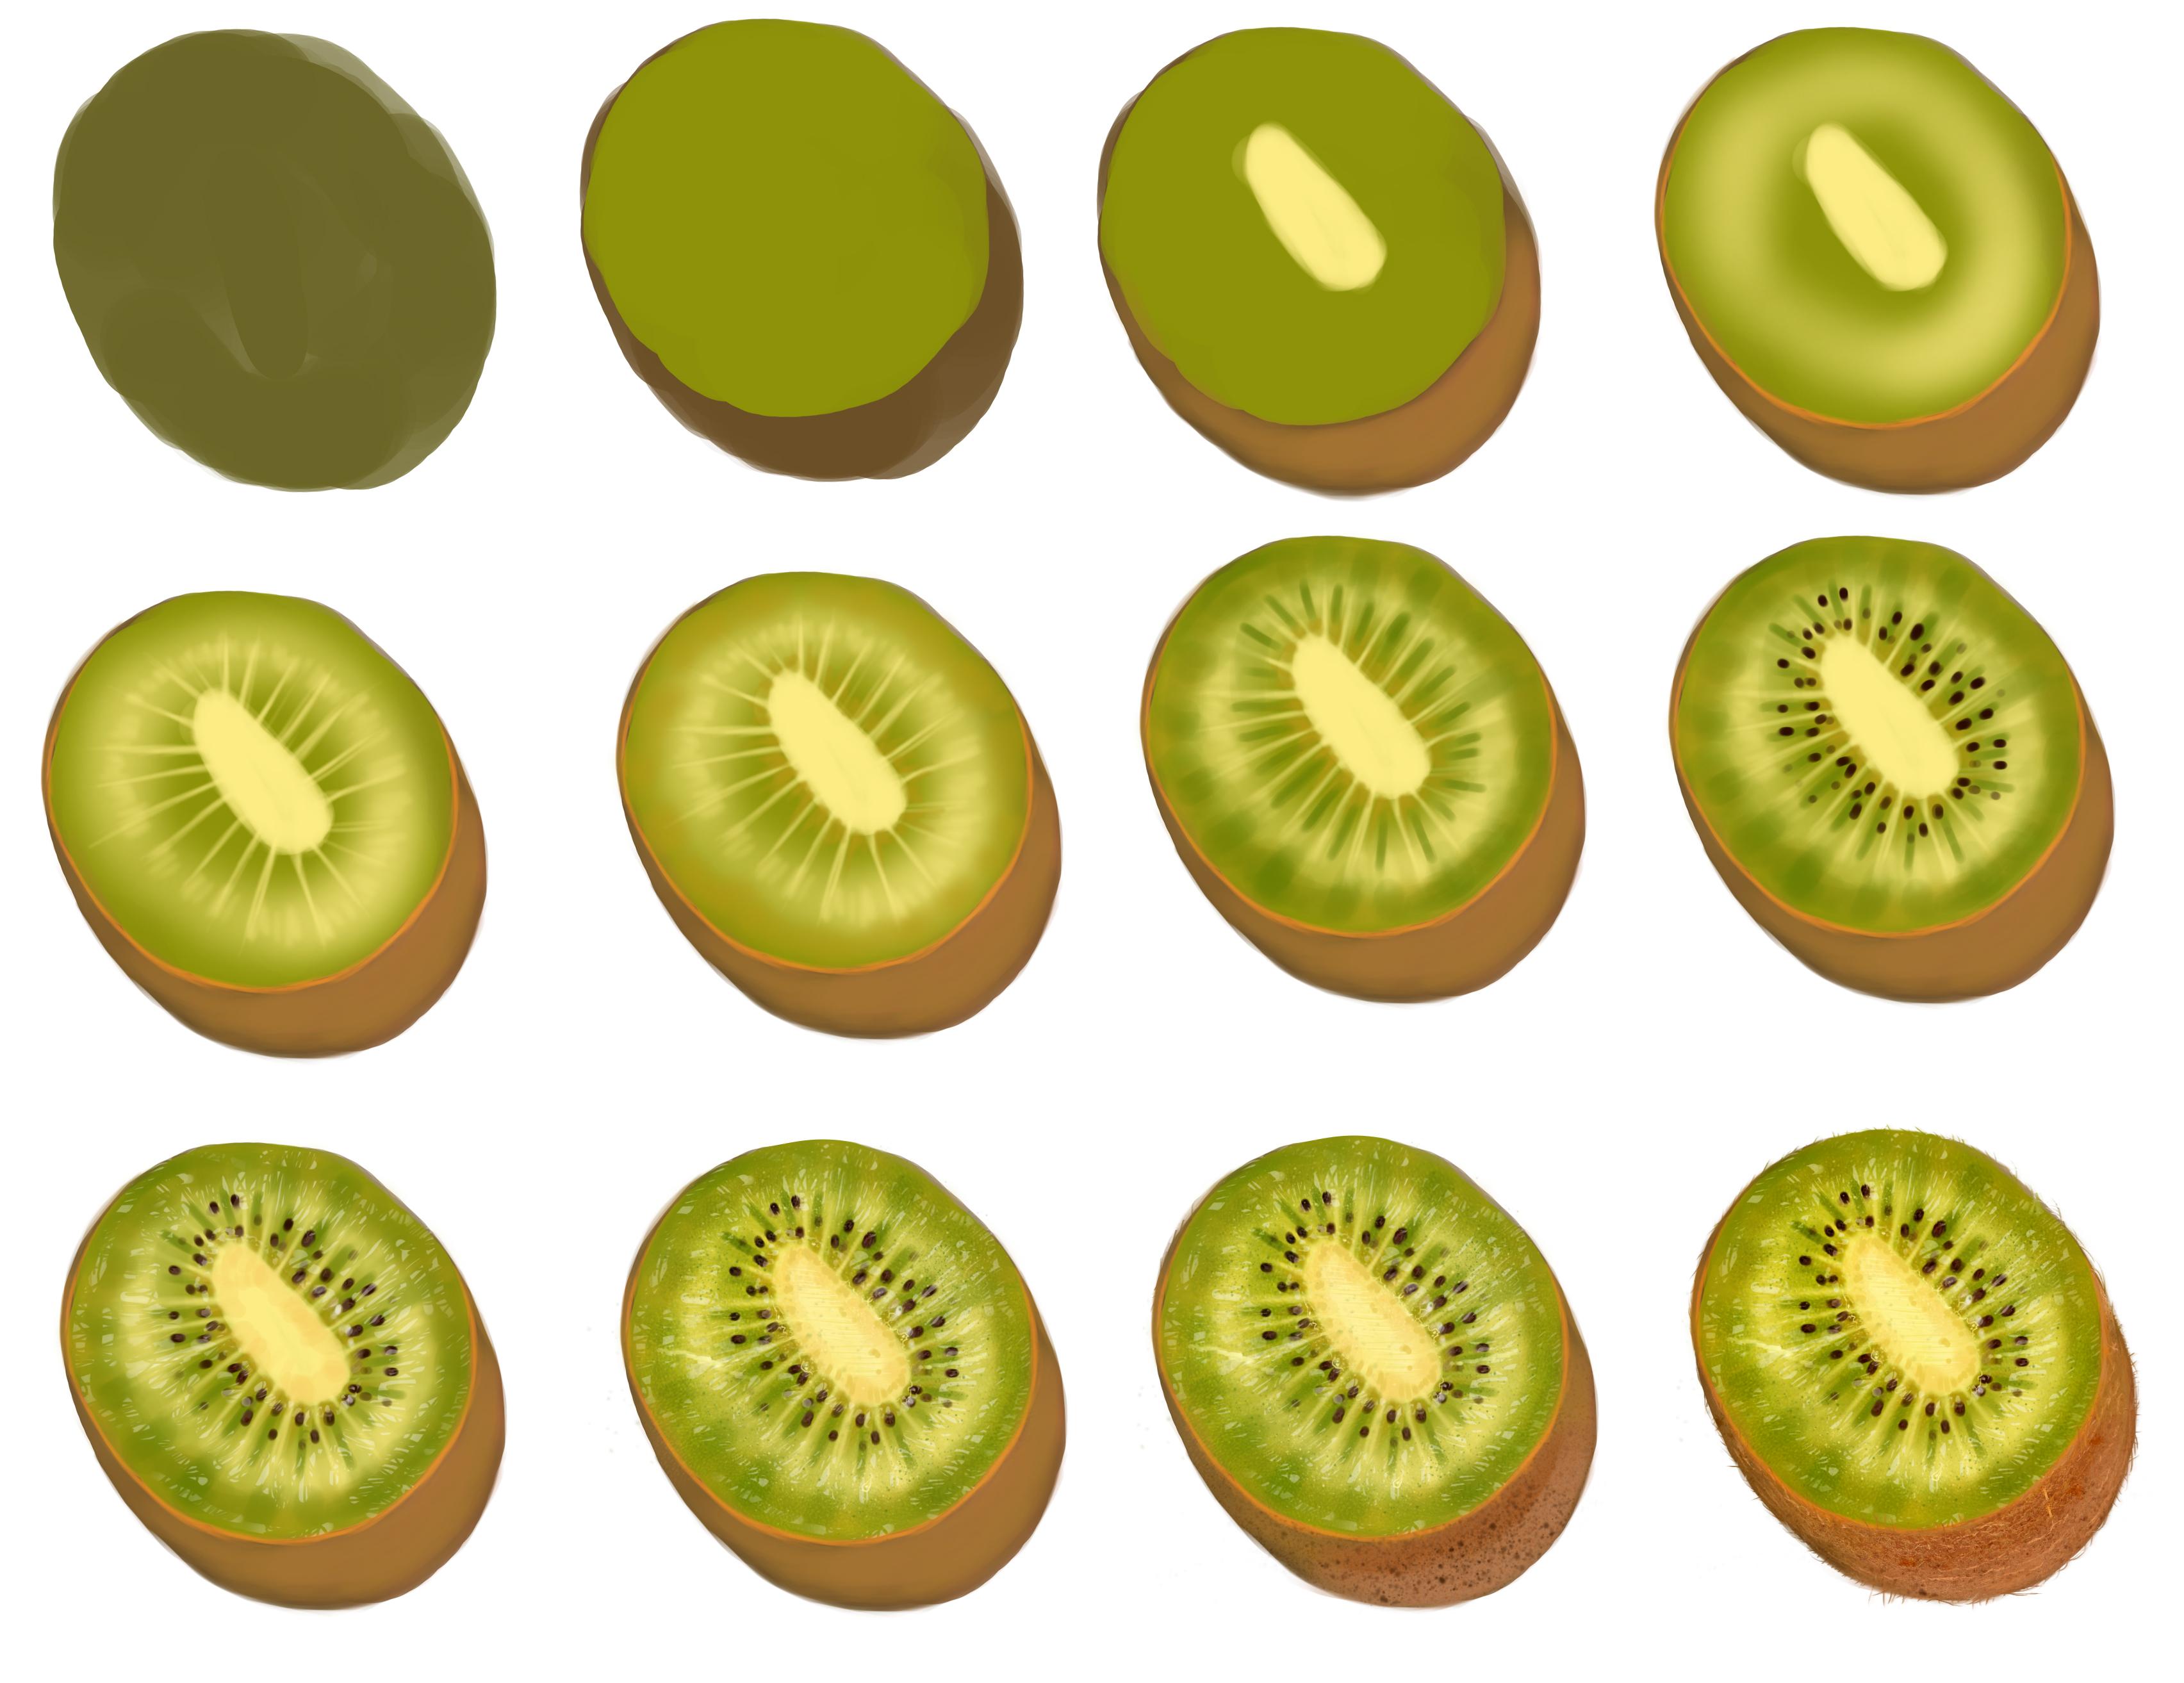 Kiwi -step by step